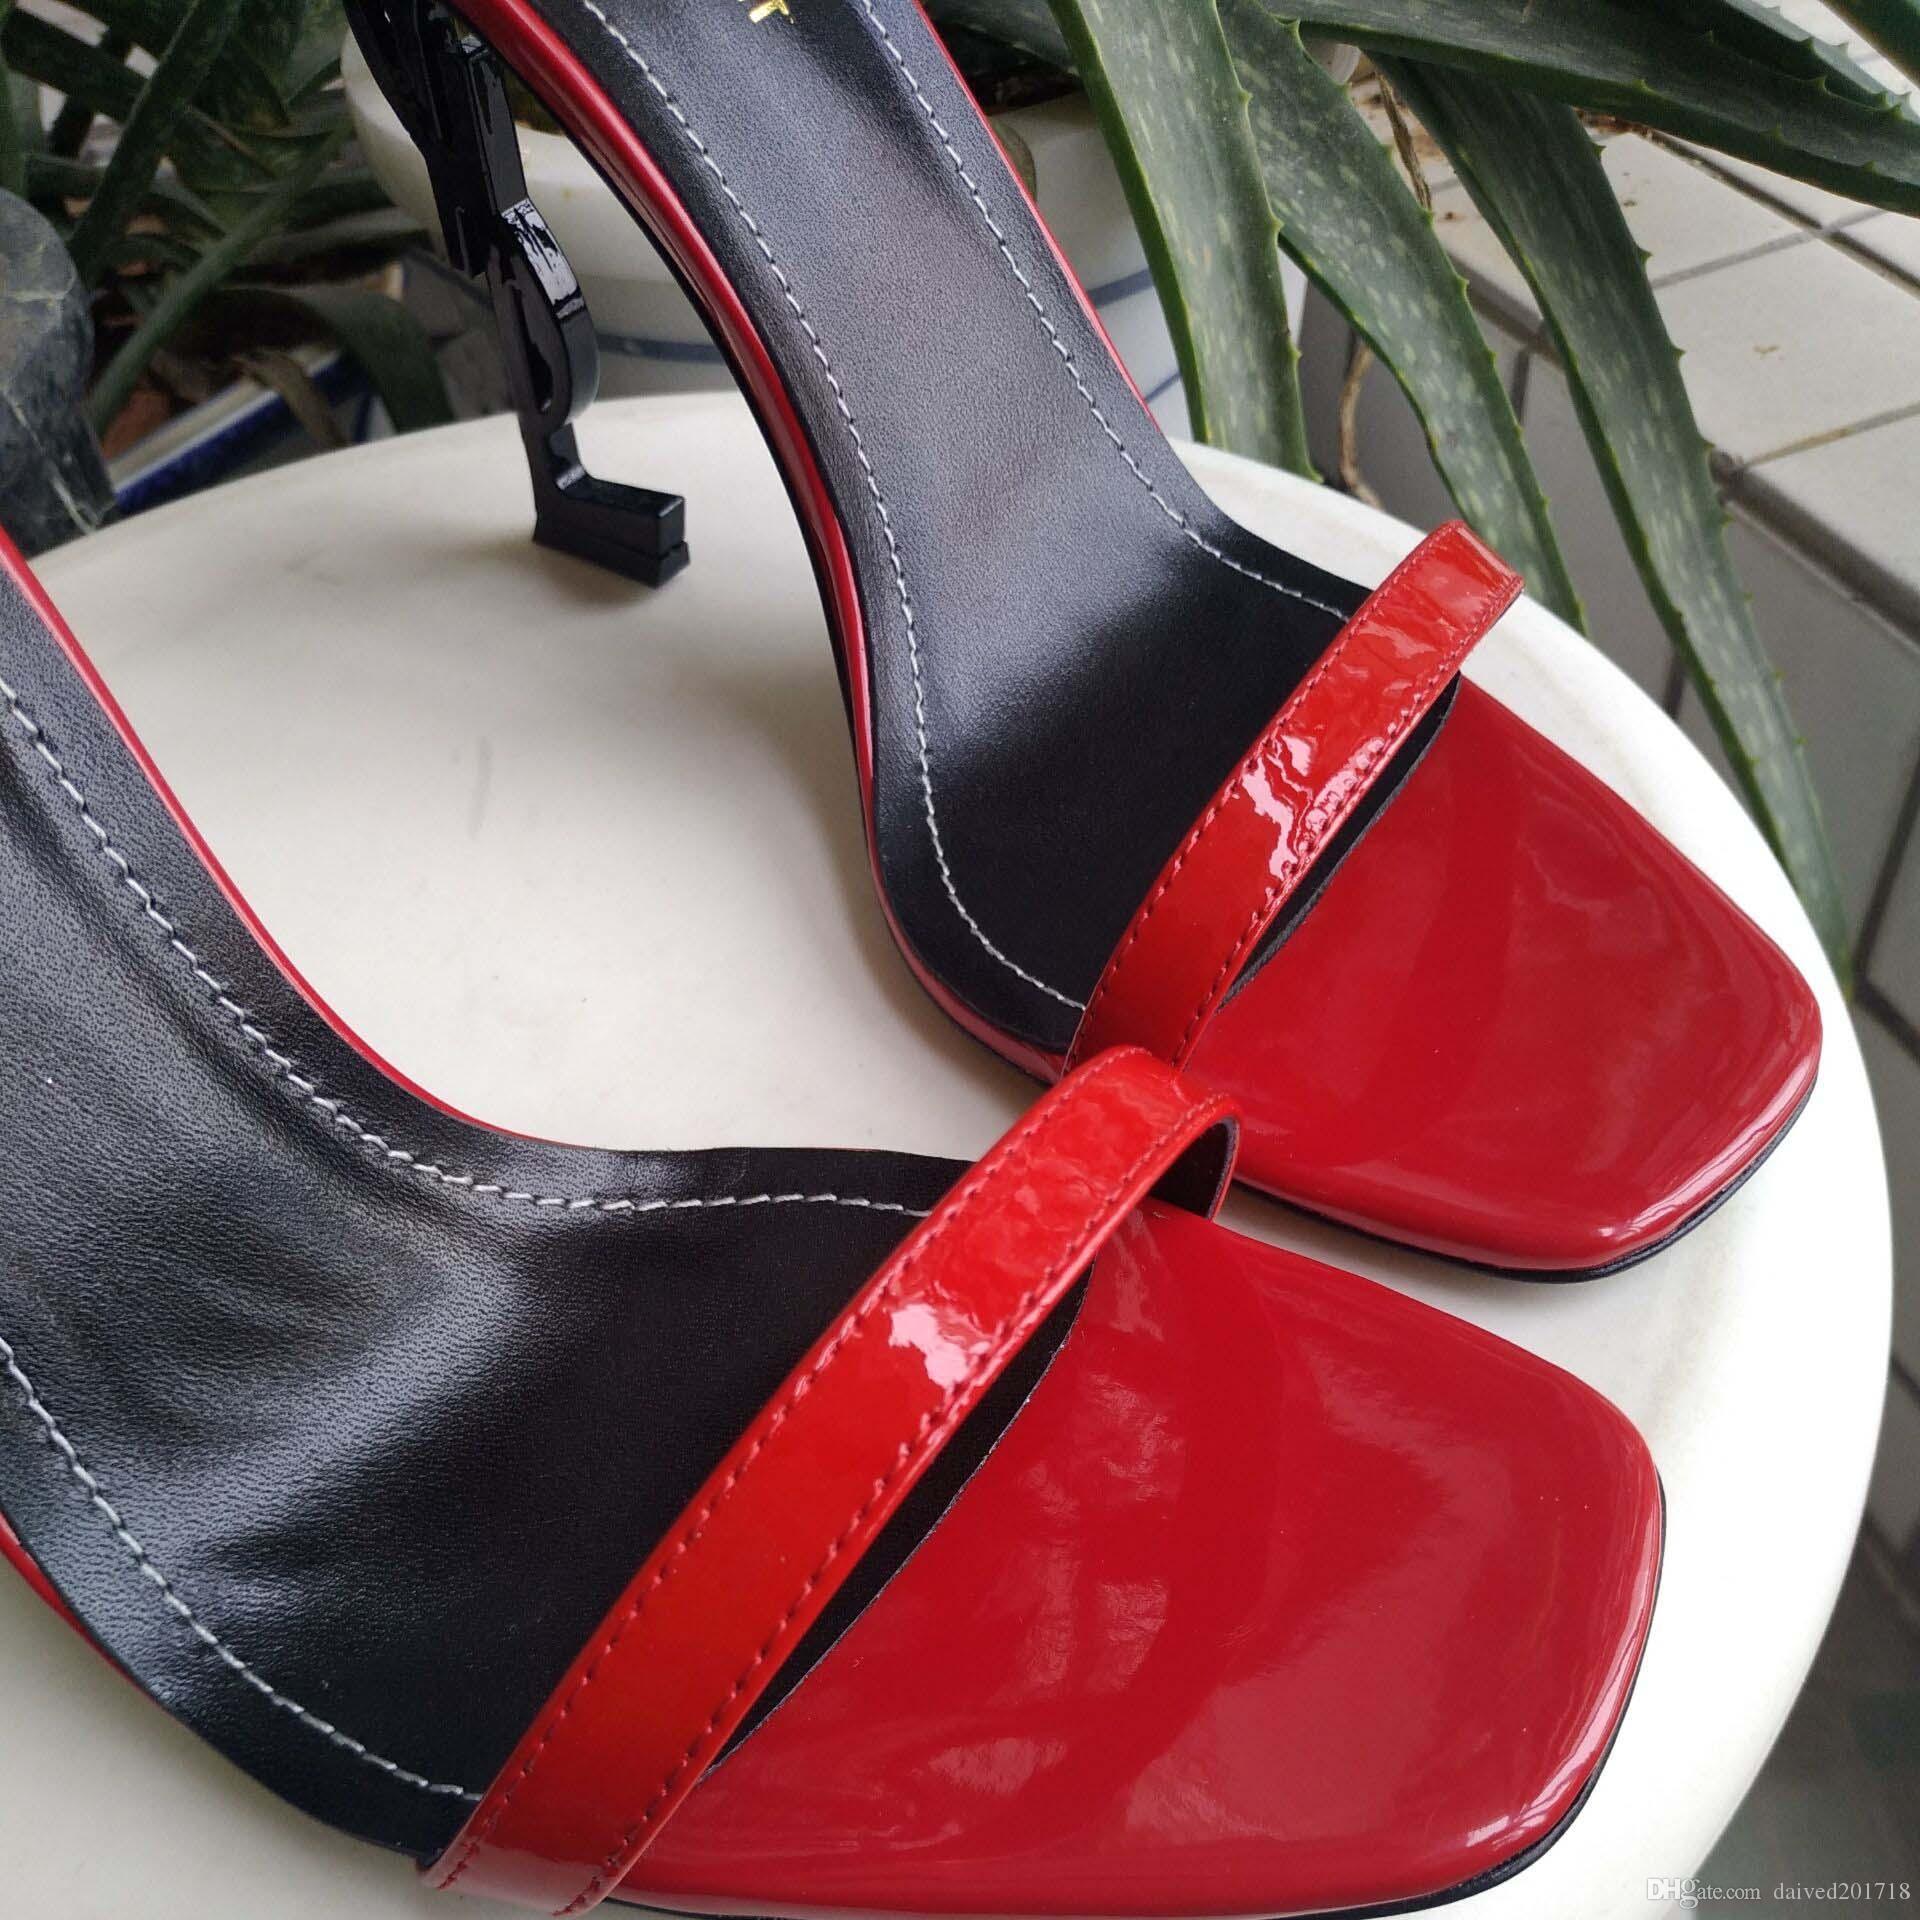 O novo estilo europeu de luxo clássico sandálias de salto alto senhora sapatos paris supermodelo passarela sola de borracha fivela